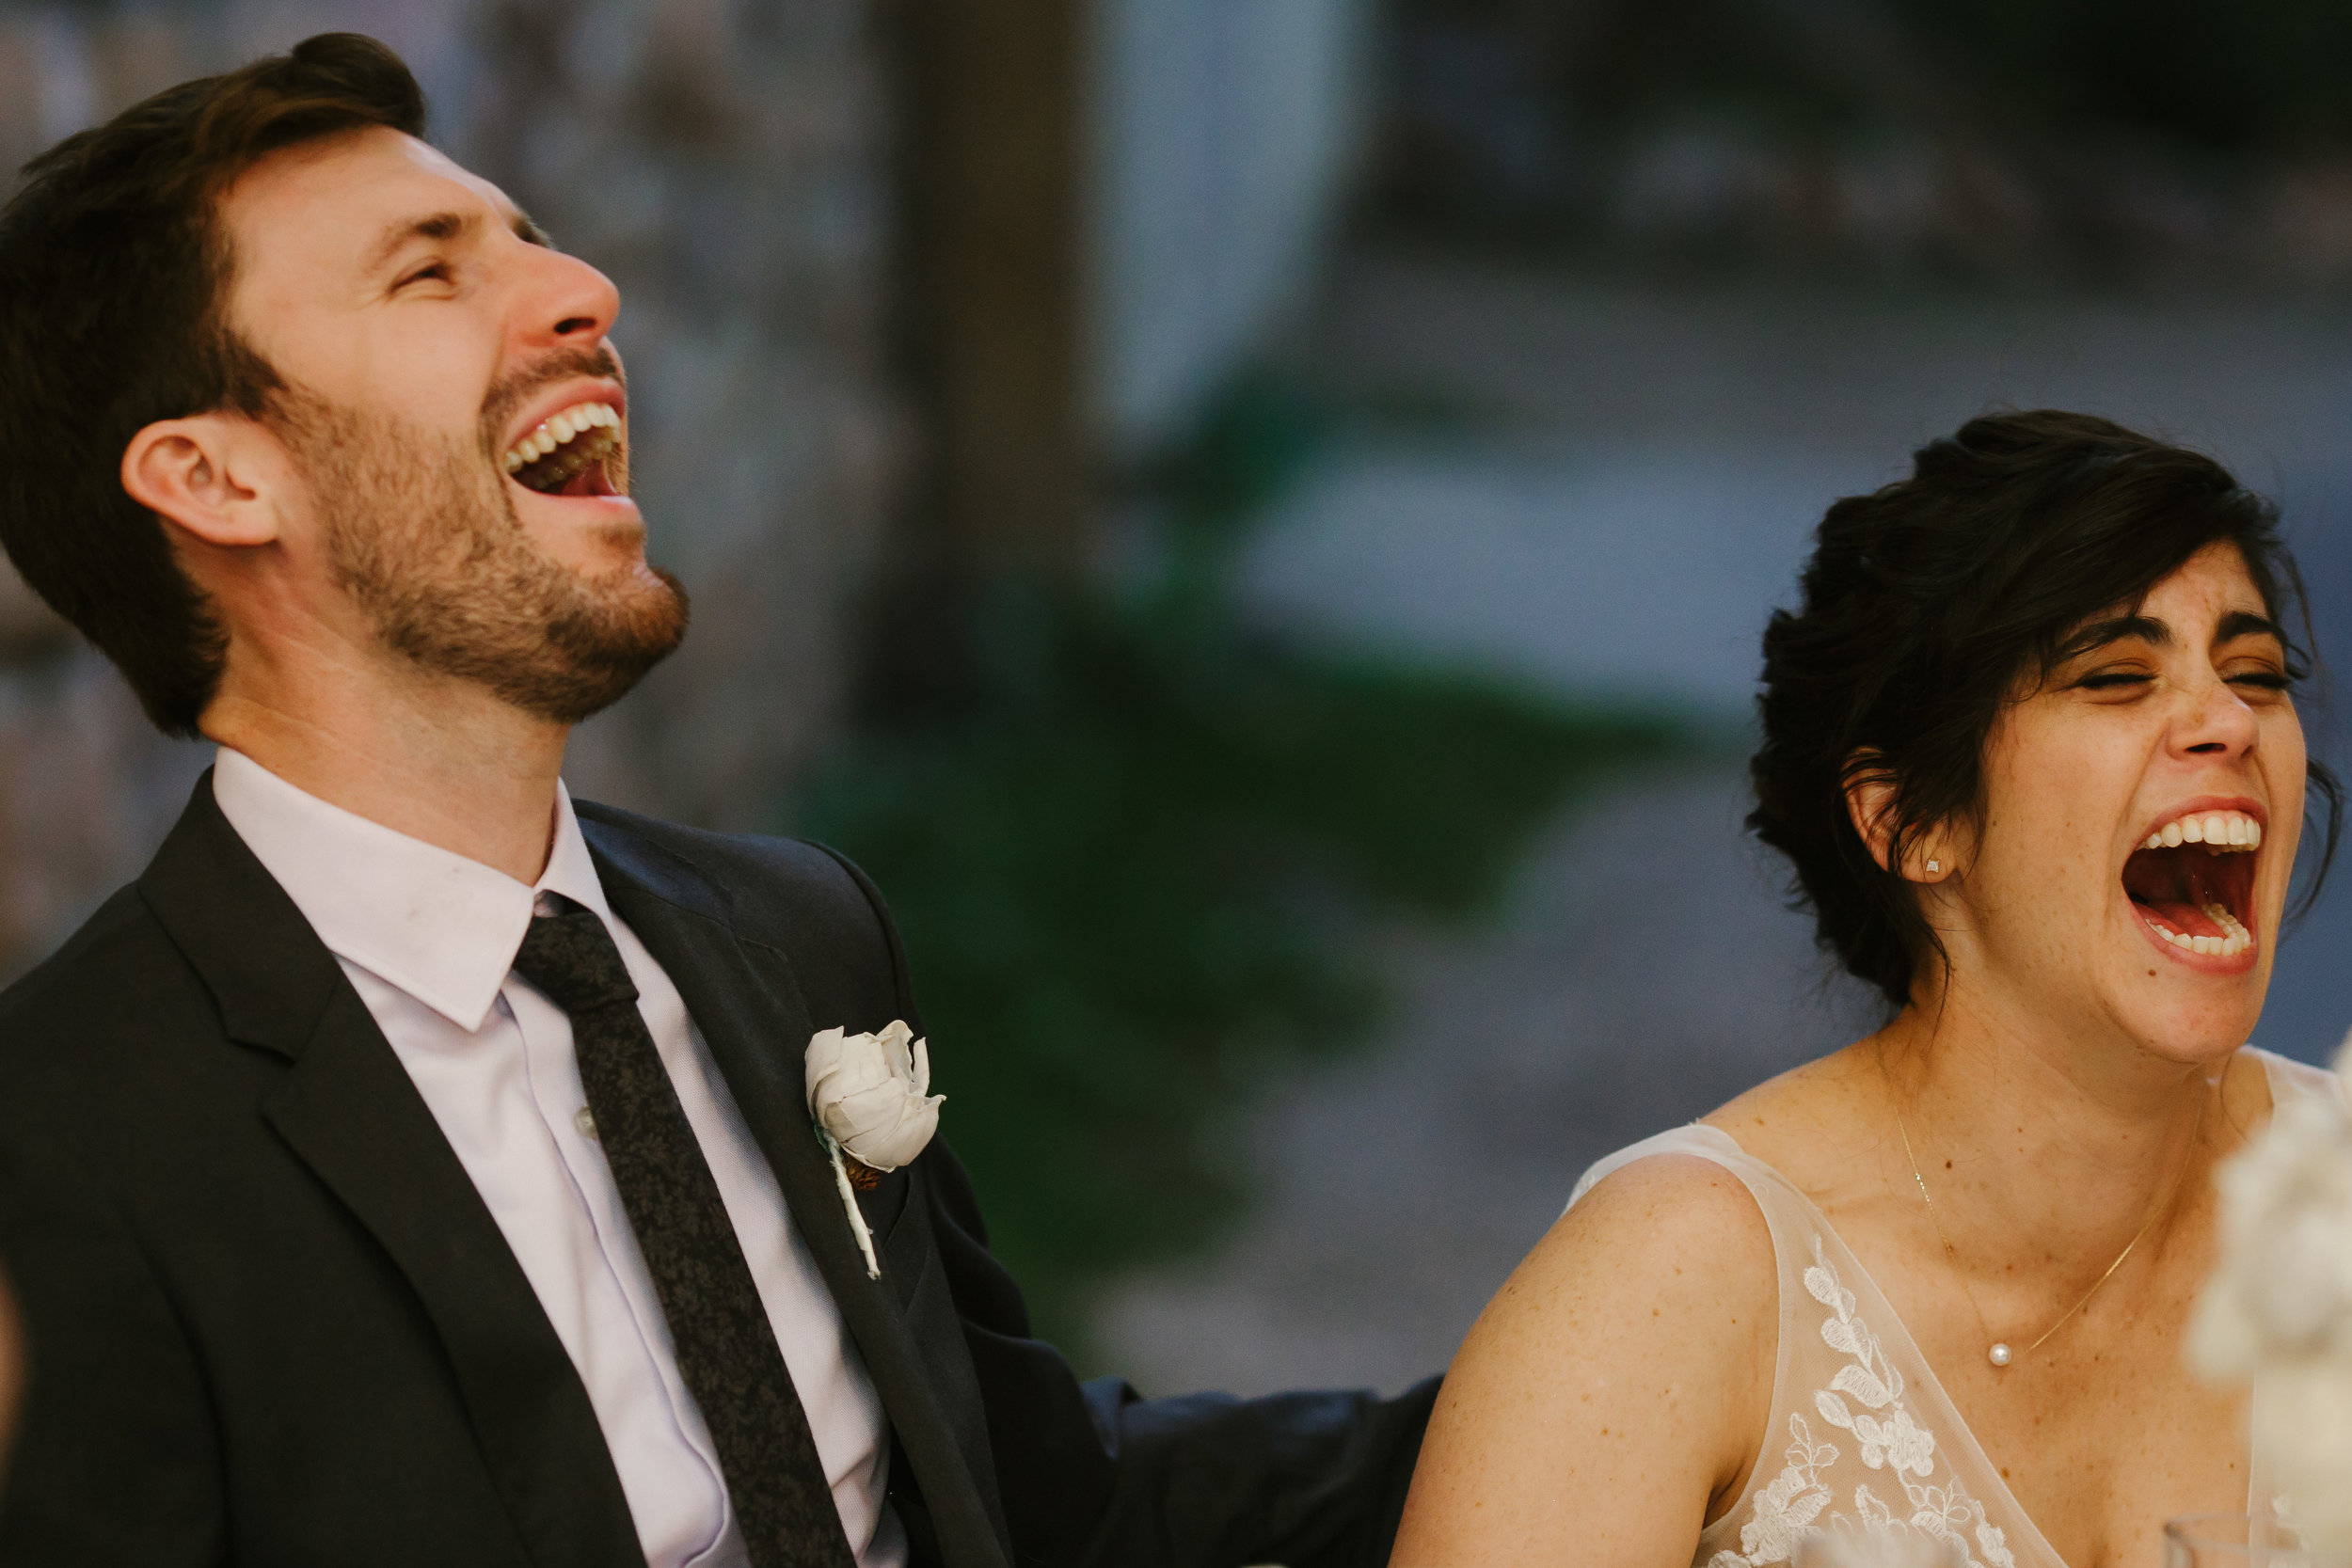 Boulder Bride and Groom Celebrating